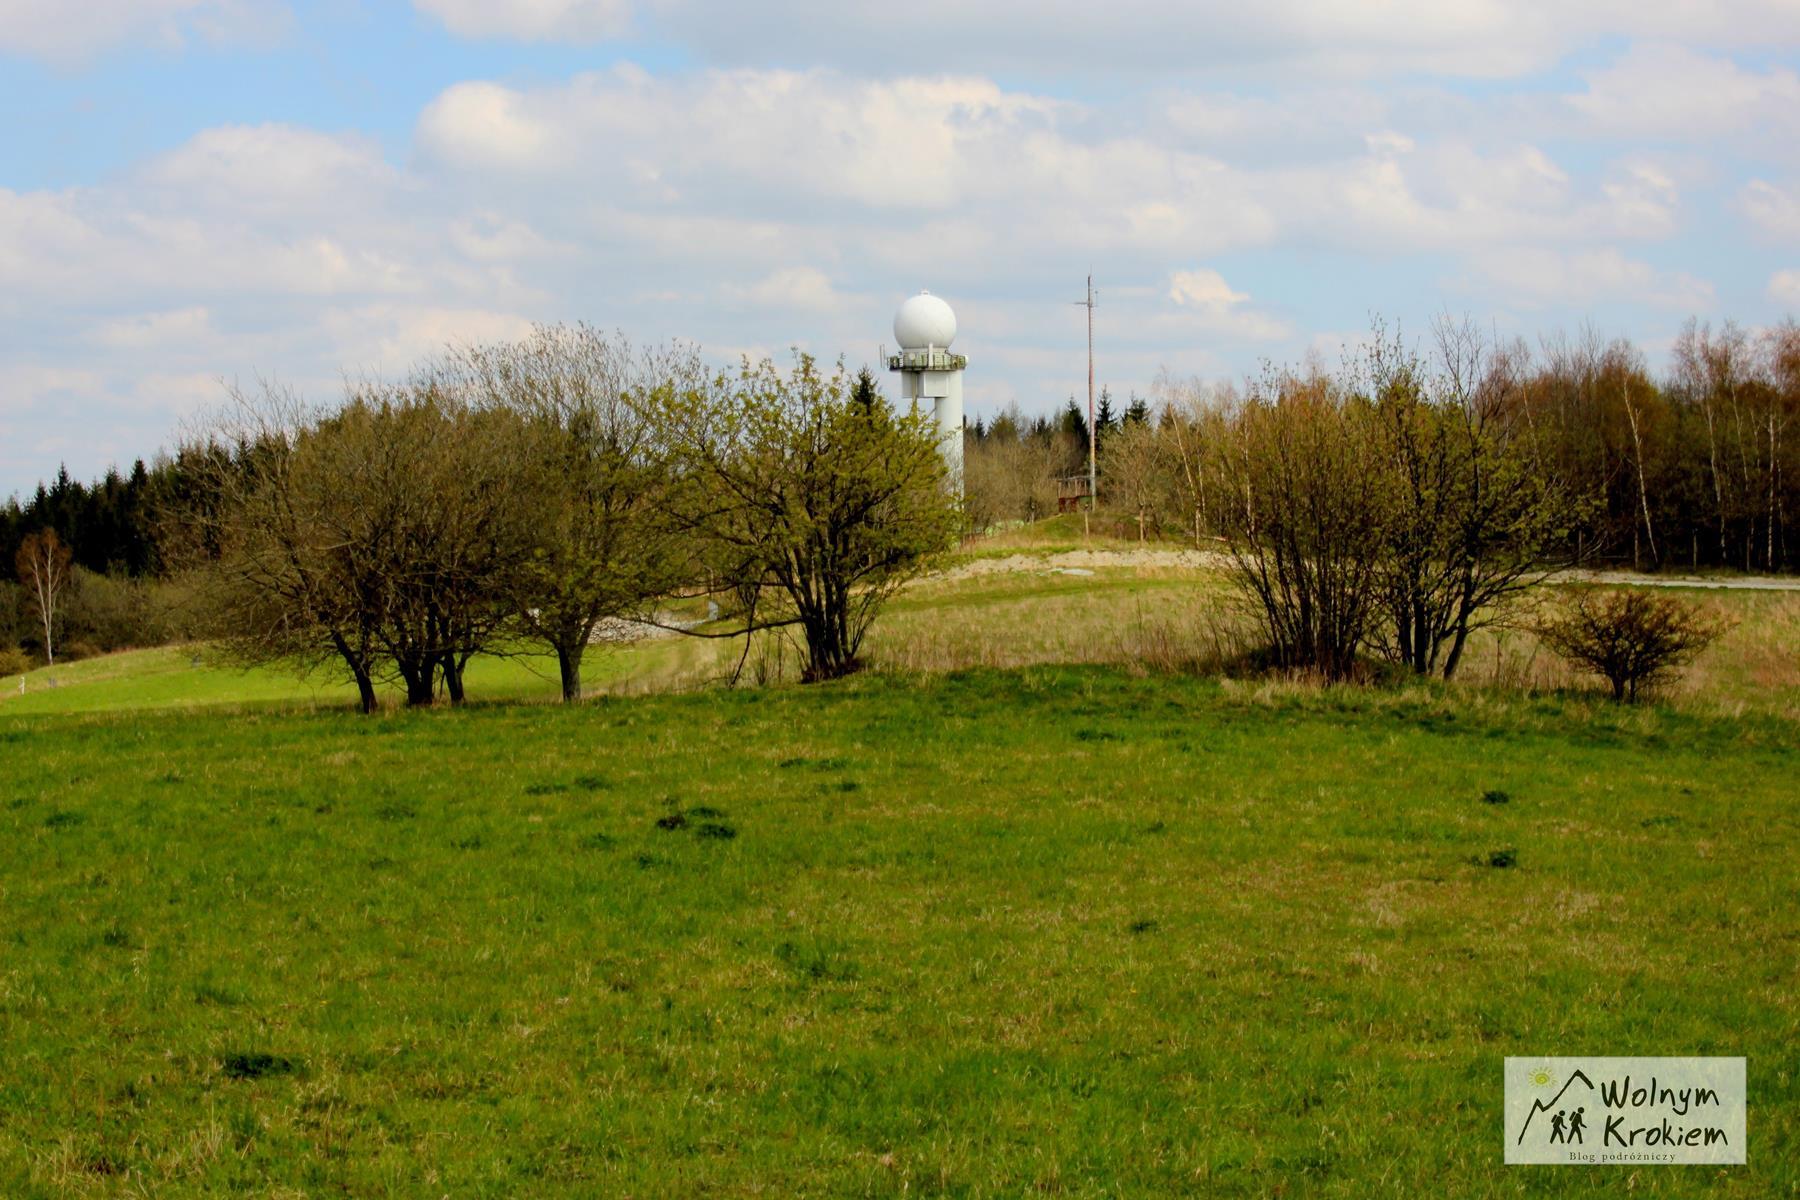 radar meteorologiczny Instytutu Meteorologii i Gospodarki Wodnej Poręba IMGW